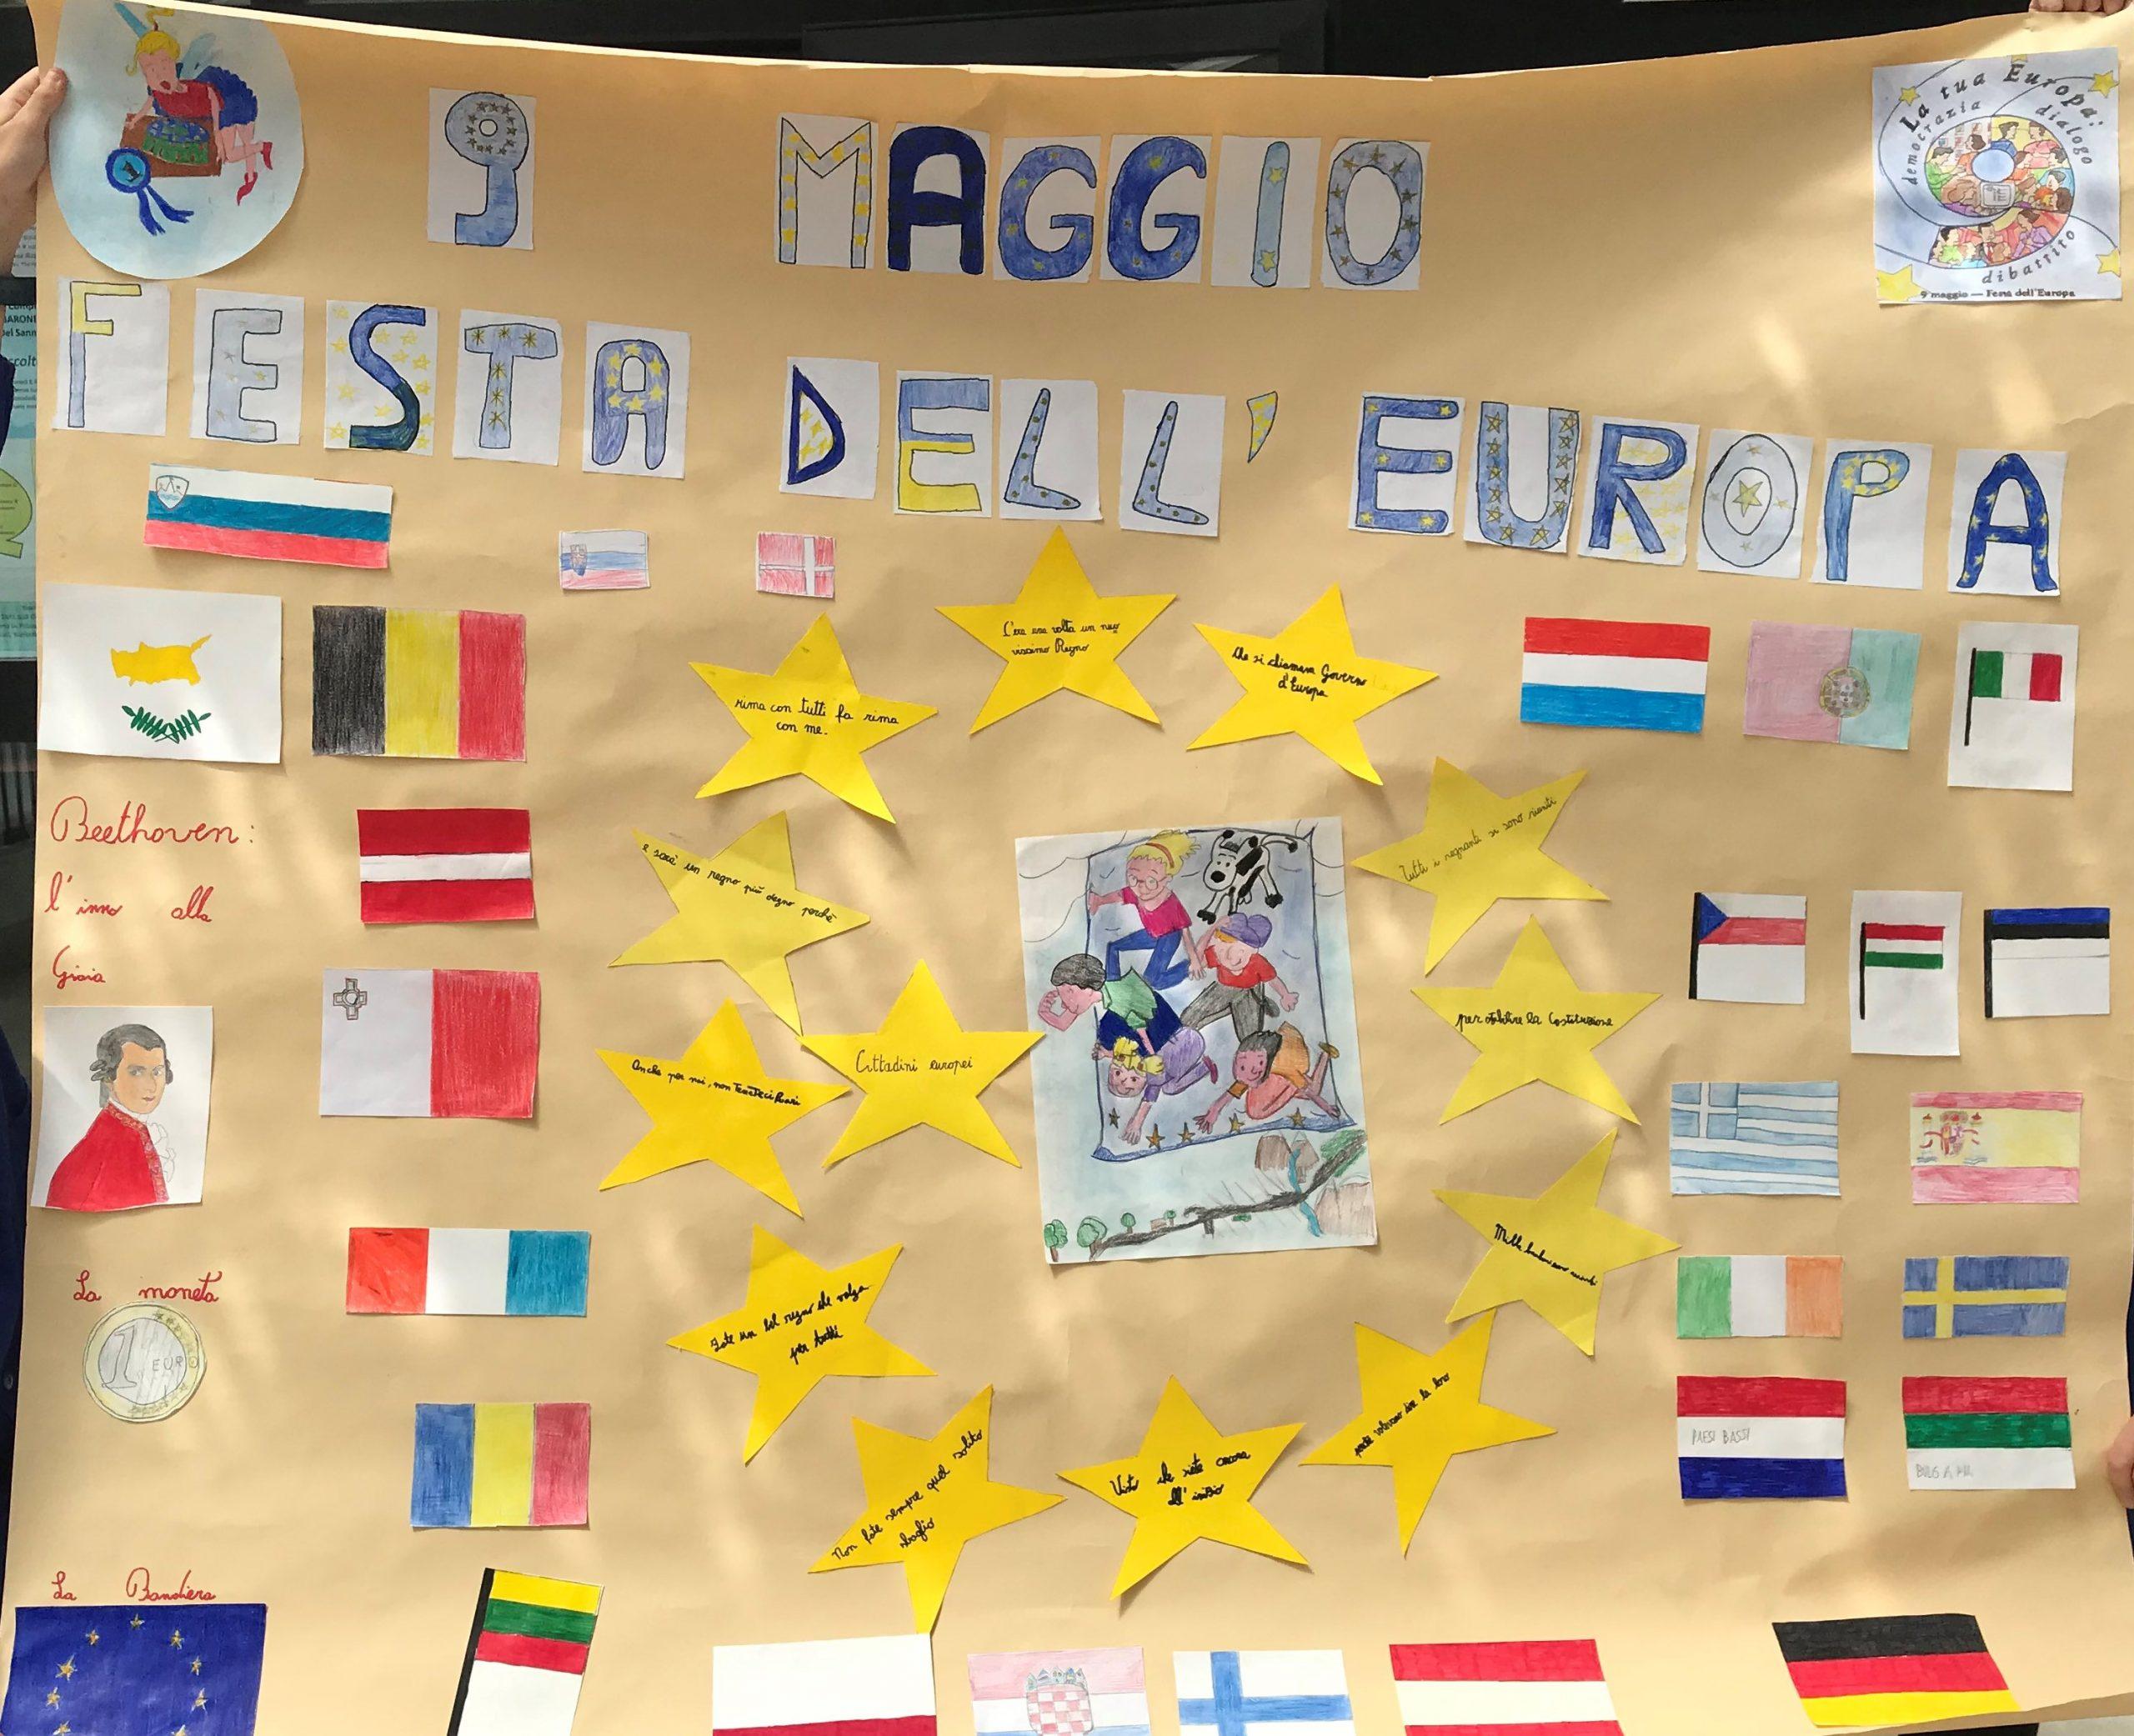 La festa dell'Europa – Classe 5ª della Scuola Primaria di Torella del Sannio